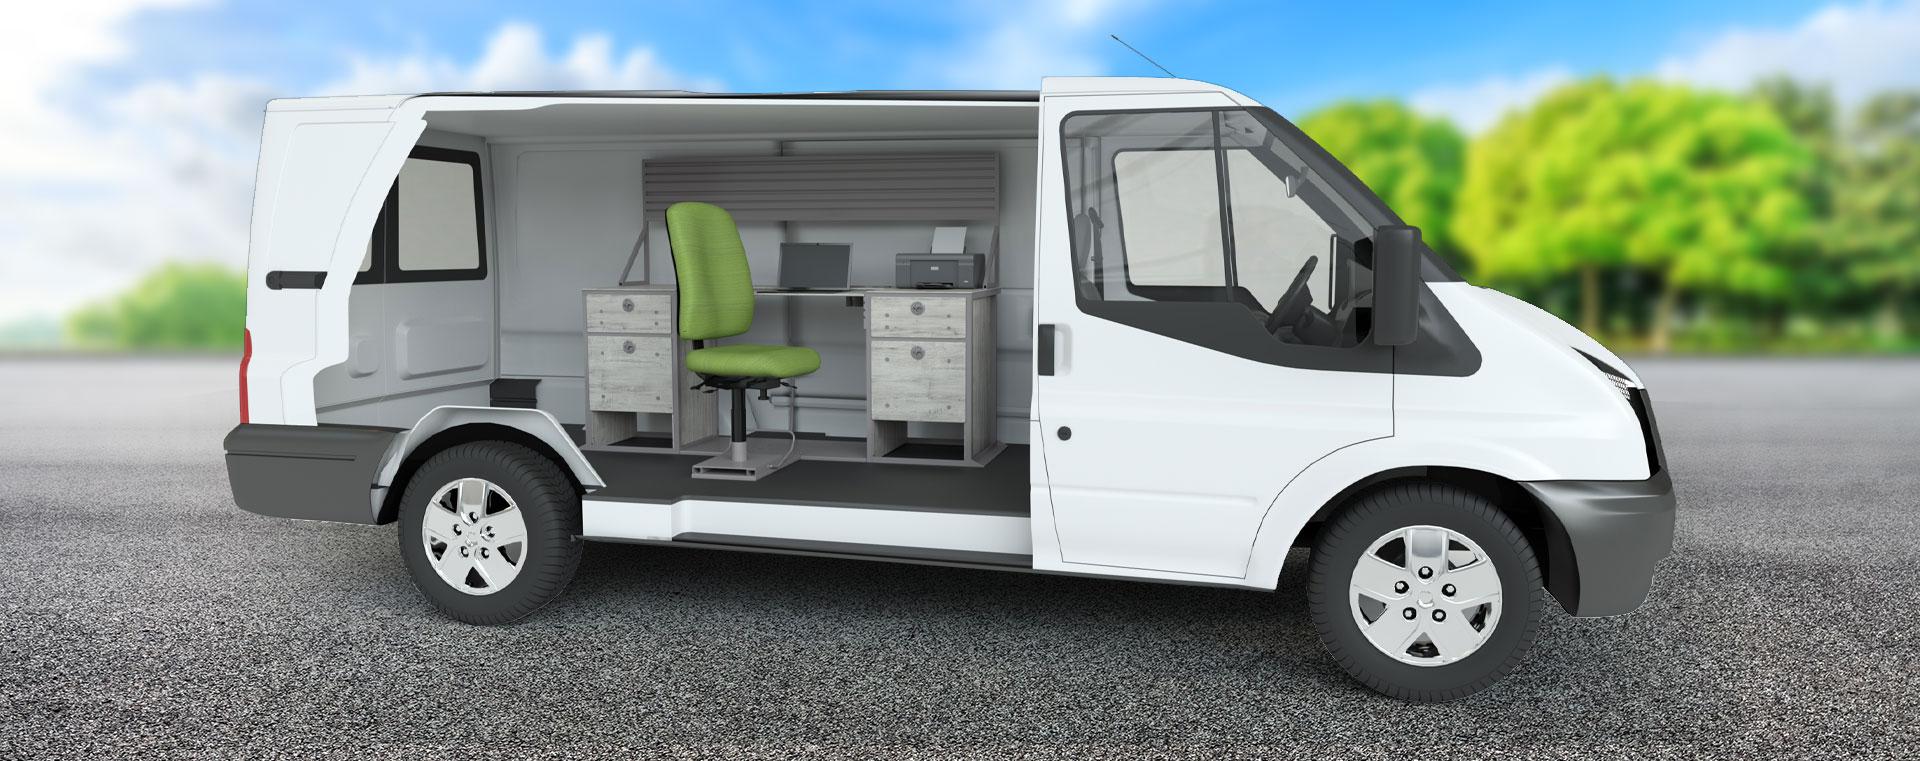 VanGo 800 van cutaway with interior view - angle 2